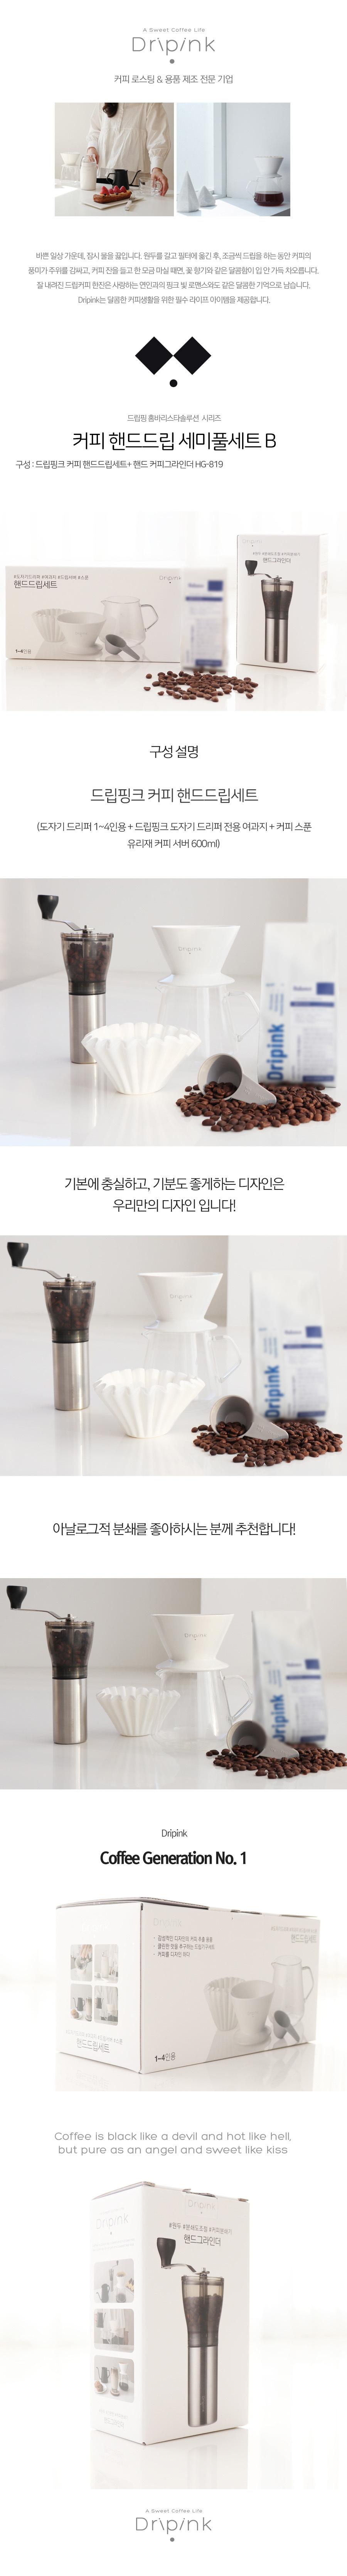 드립핑크 홈바리스타솔루션  커피 핸드드립 세미풀세트 B - 주식회사 드립핑크 (DRIPINK), 59,500원, 주방소품, 주방 소모품